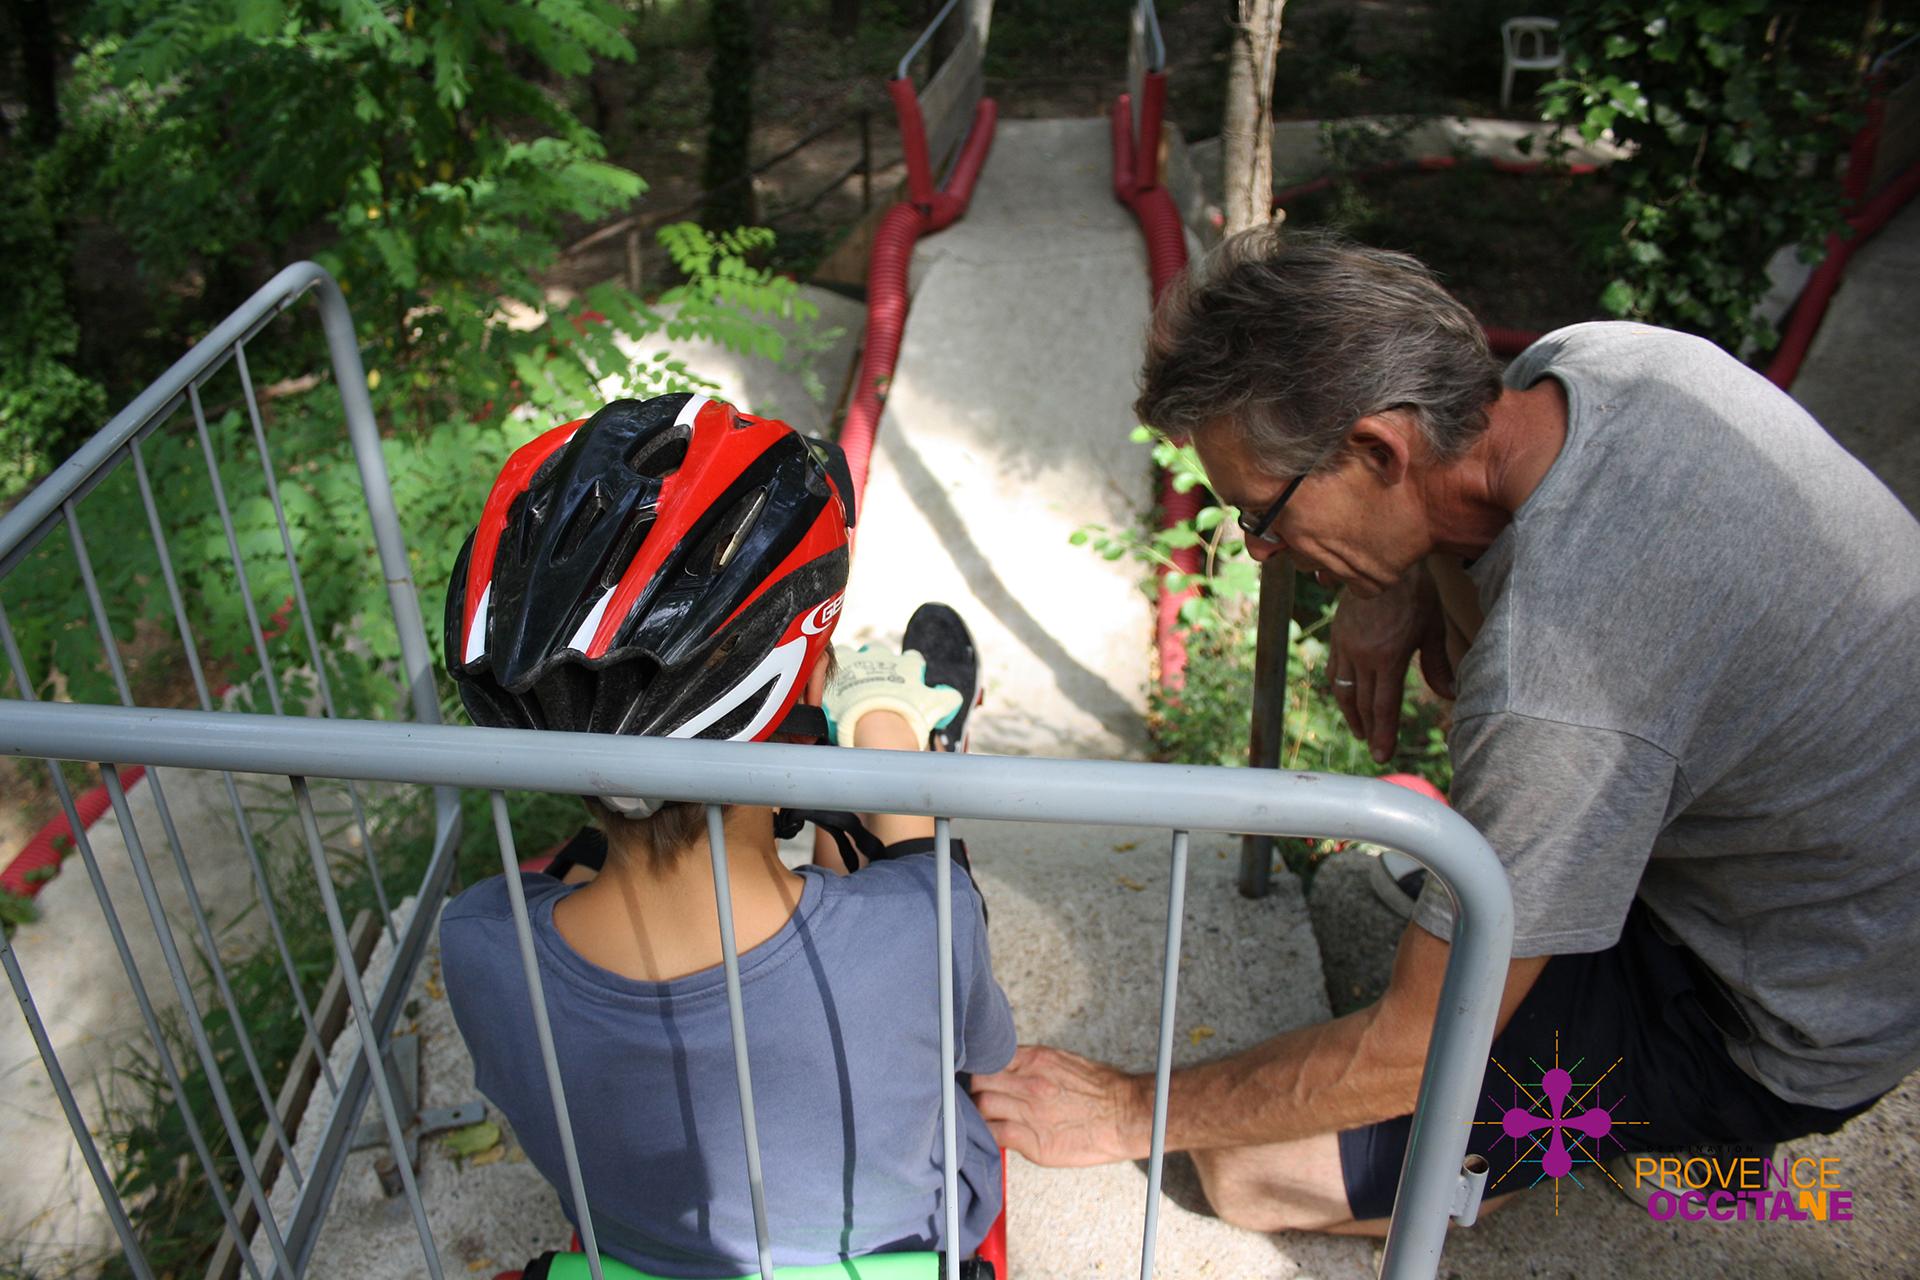 Securité au Swingroller City Parc d'Aiguèze